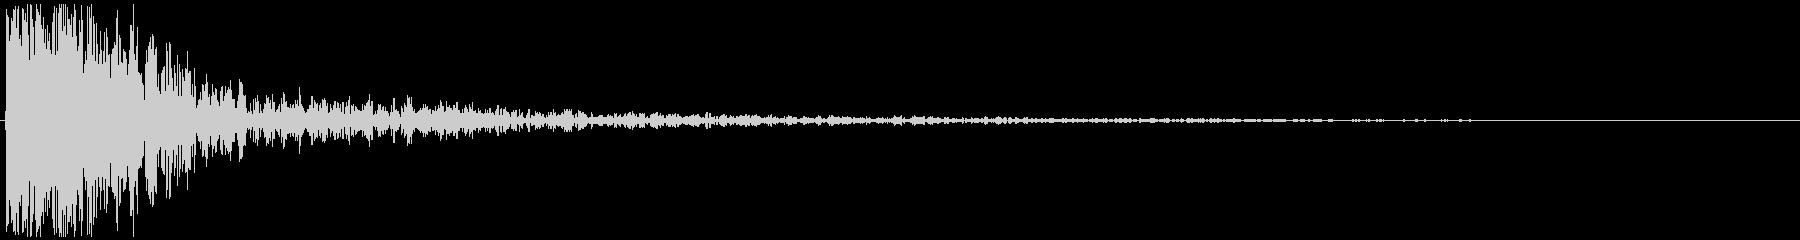 【シネマティック 】 衝撃音_152の未再生の波形